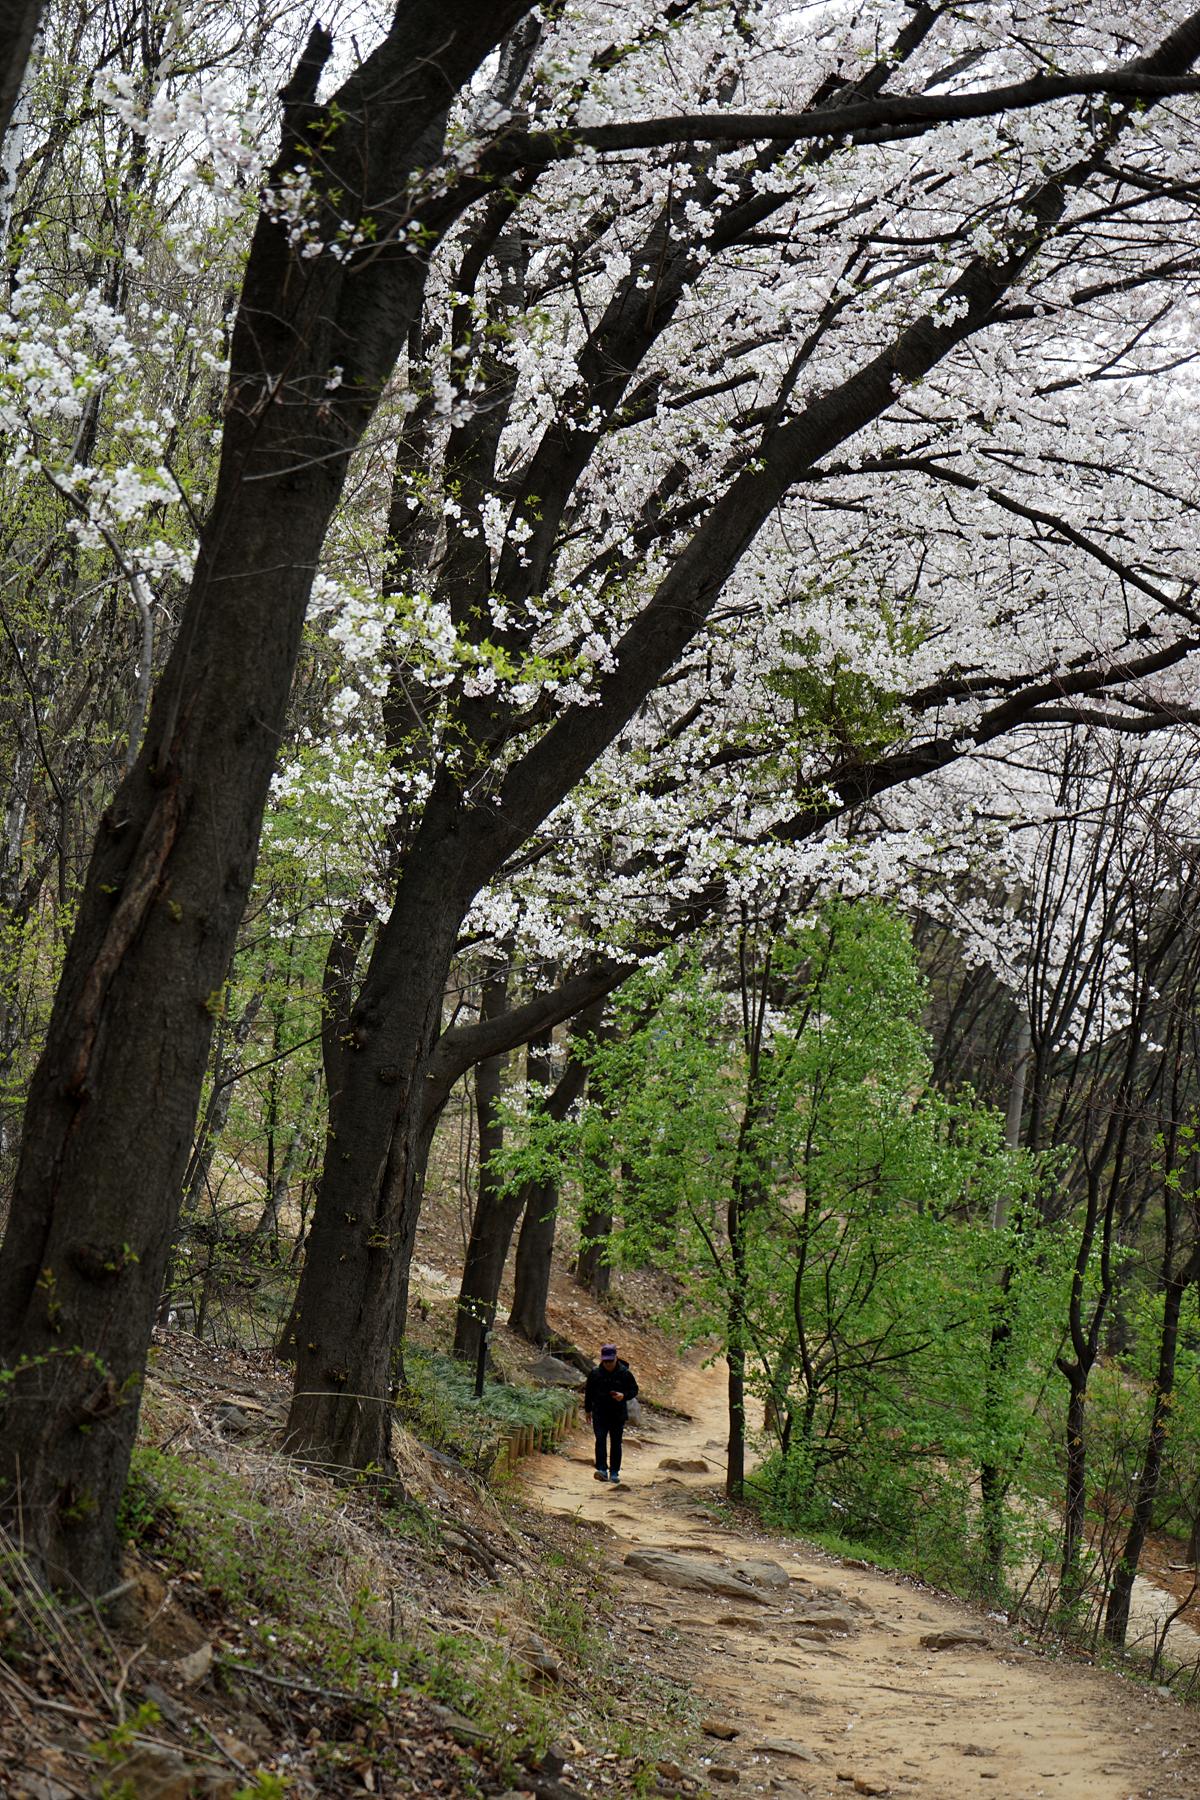 오래된 벚나무가 장관인 벚꽃길